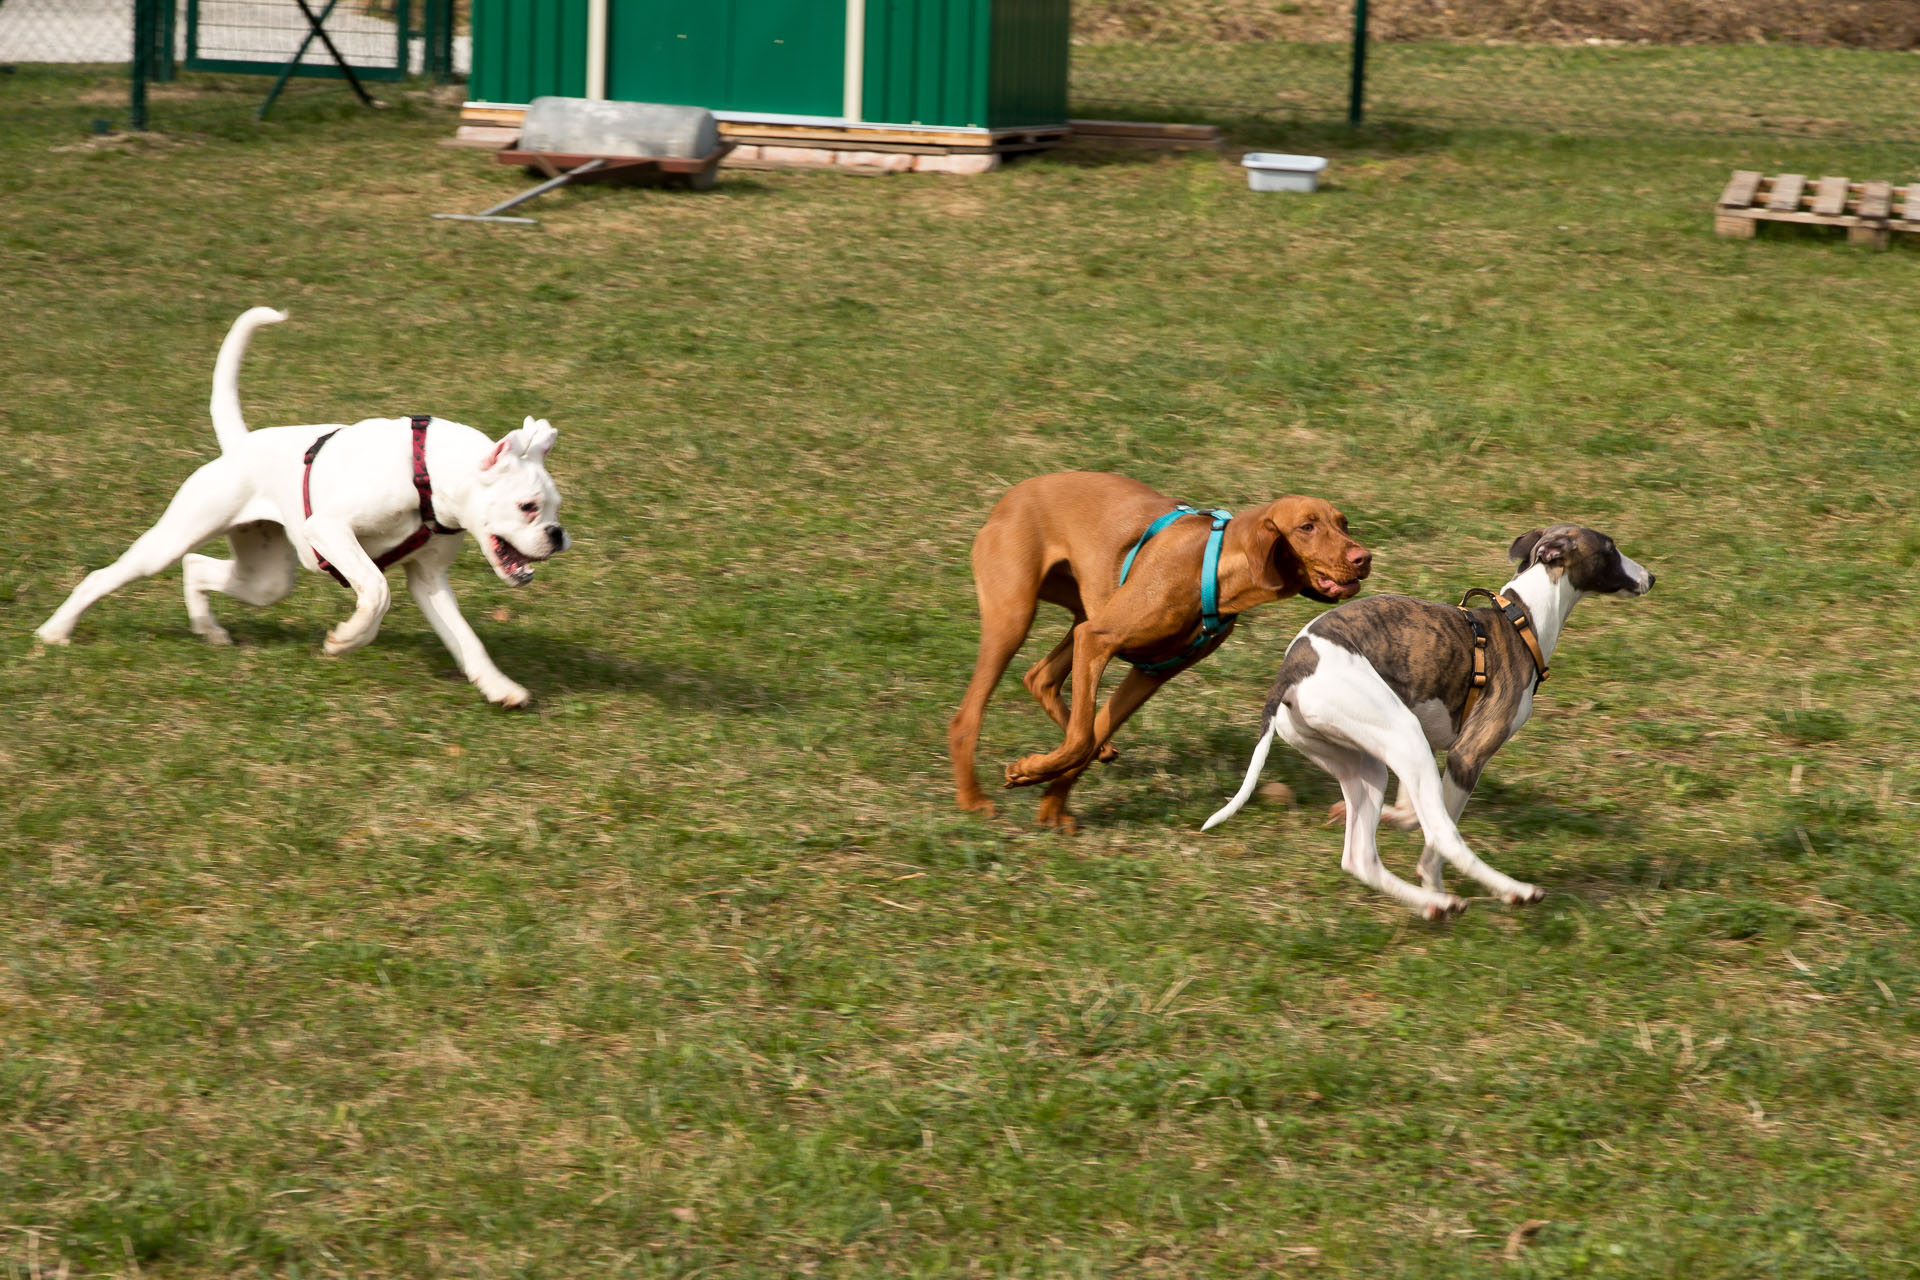 pasja šola igra mladičkov